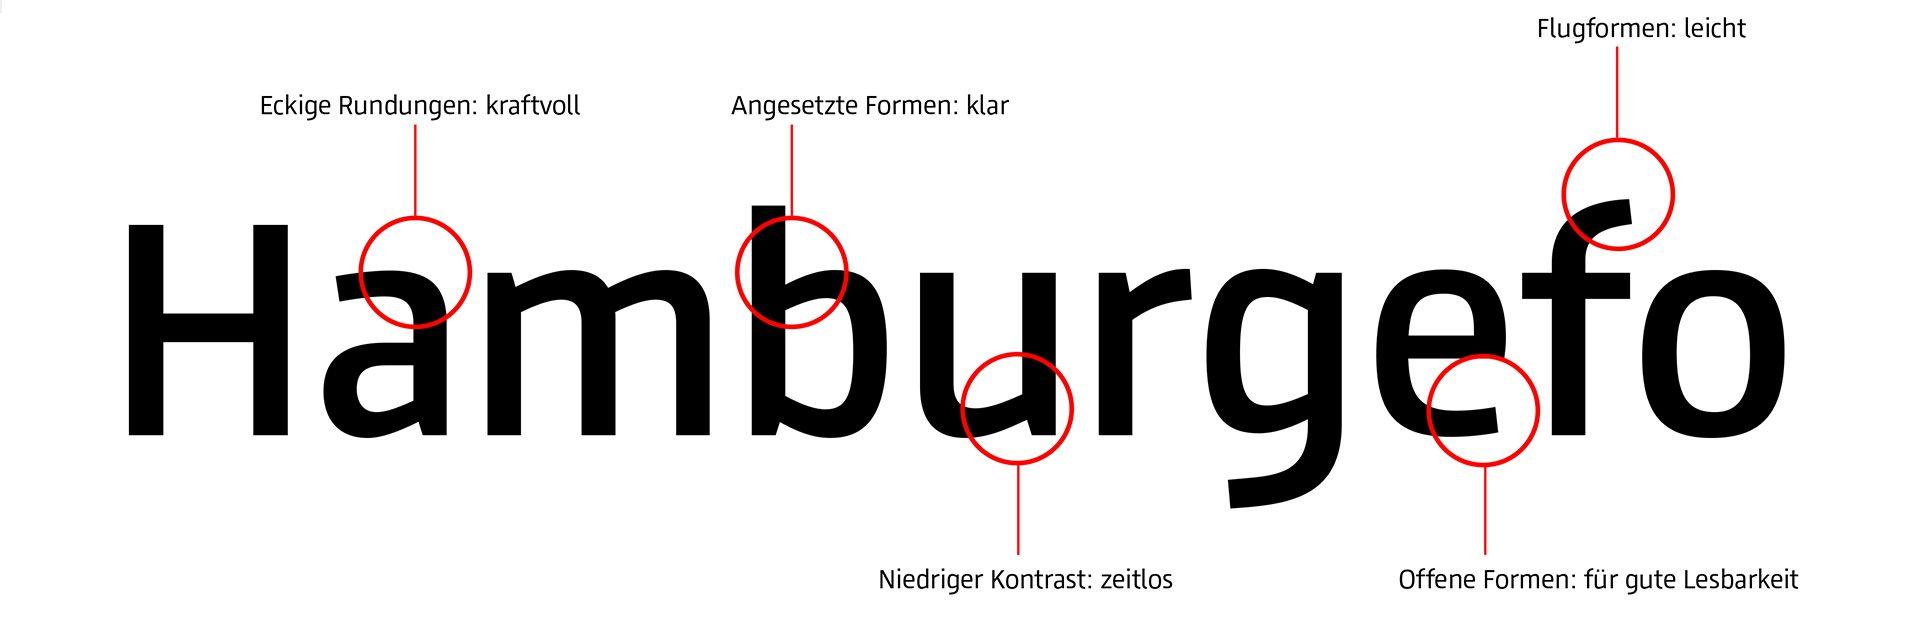 Für den BER wurden von Realgestalt eine eigene Schriftfamilie und Piktogramme entwickelt